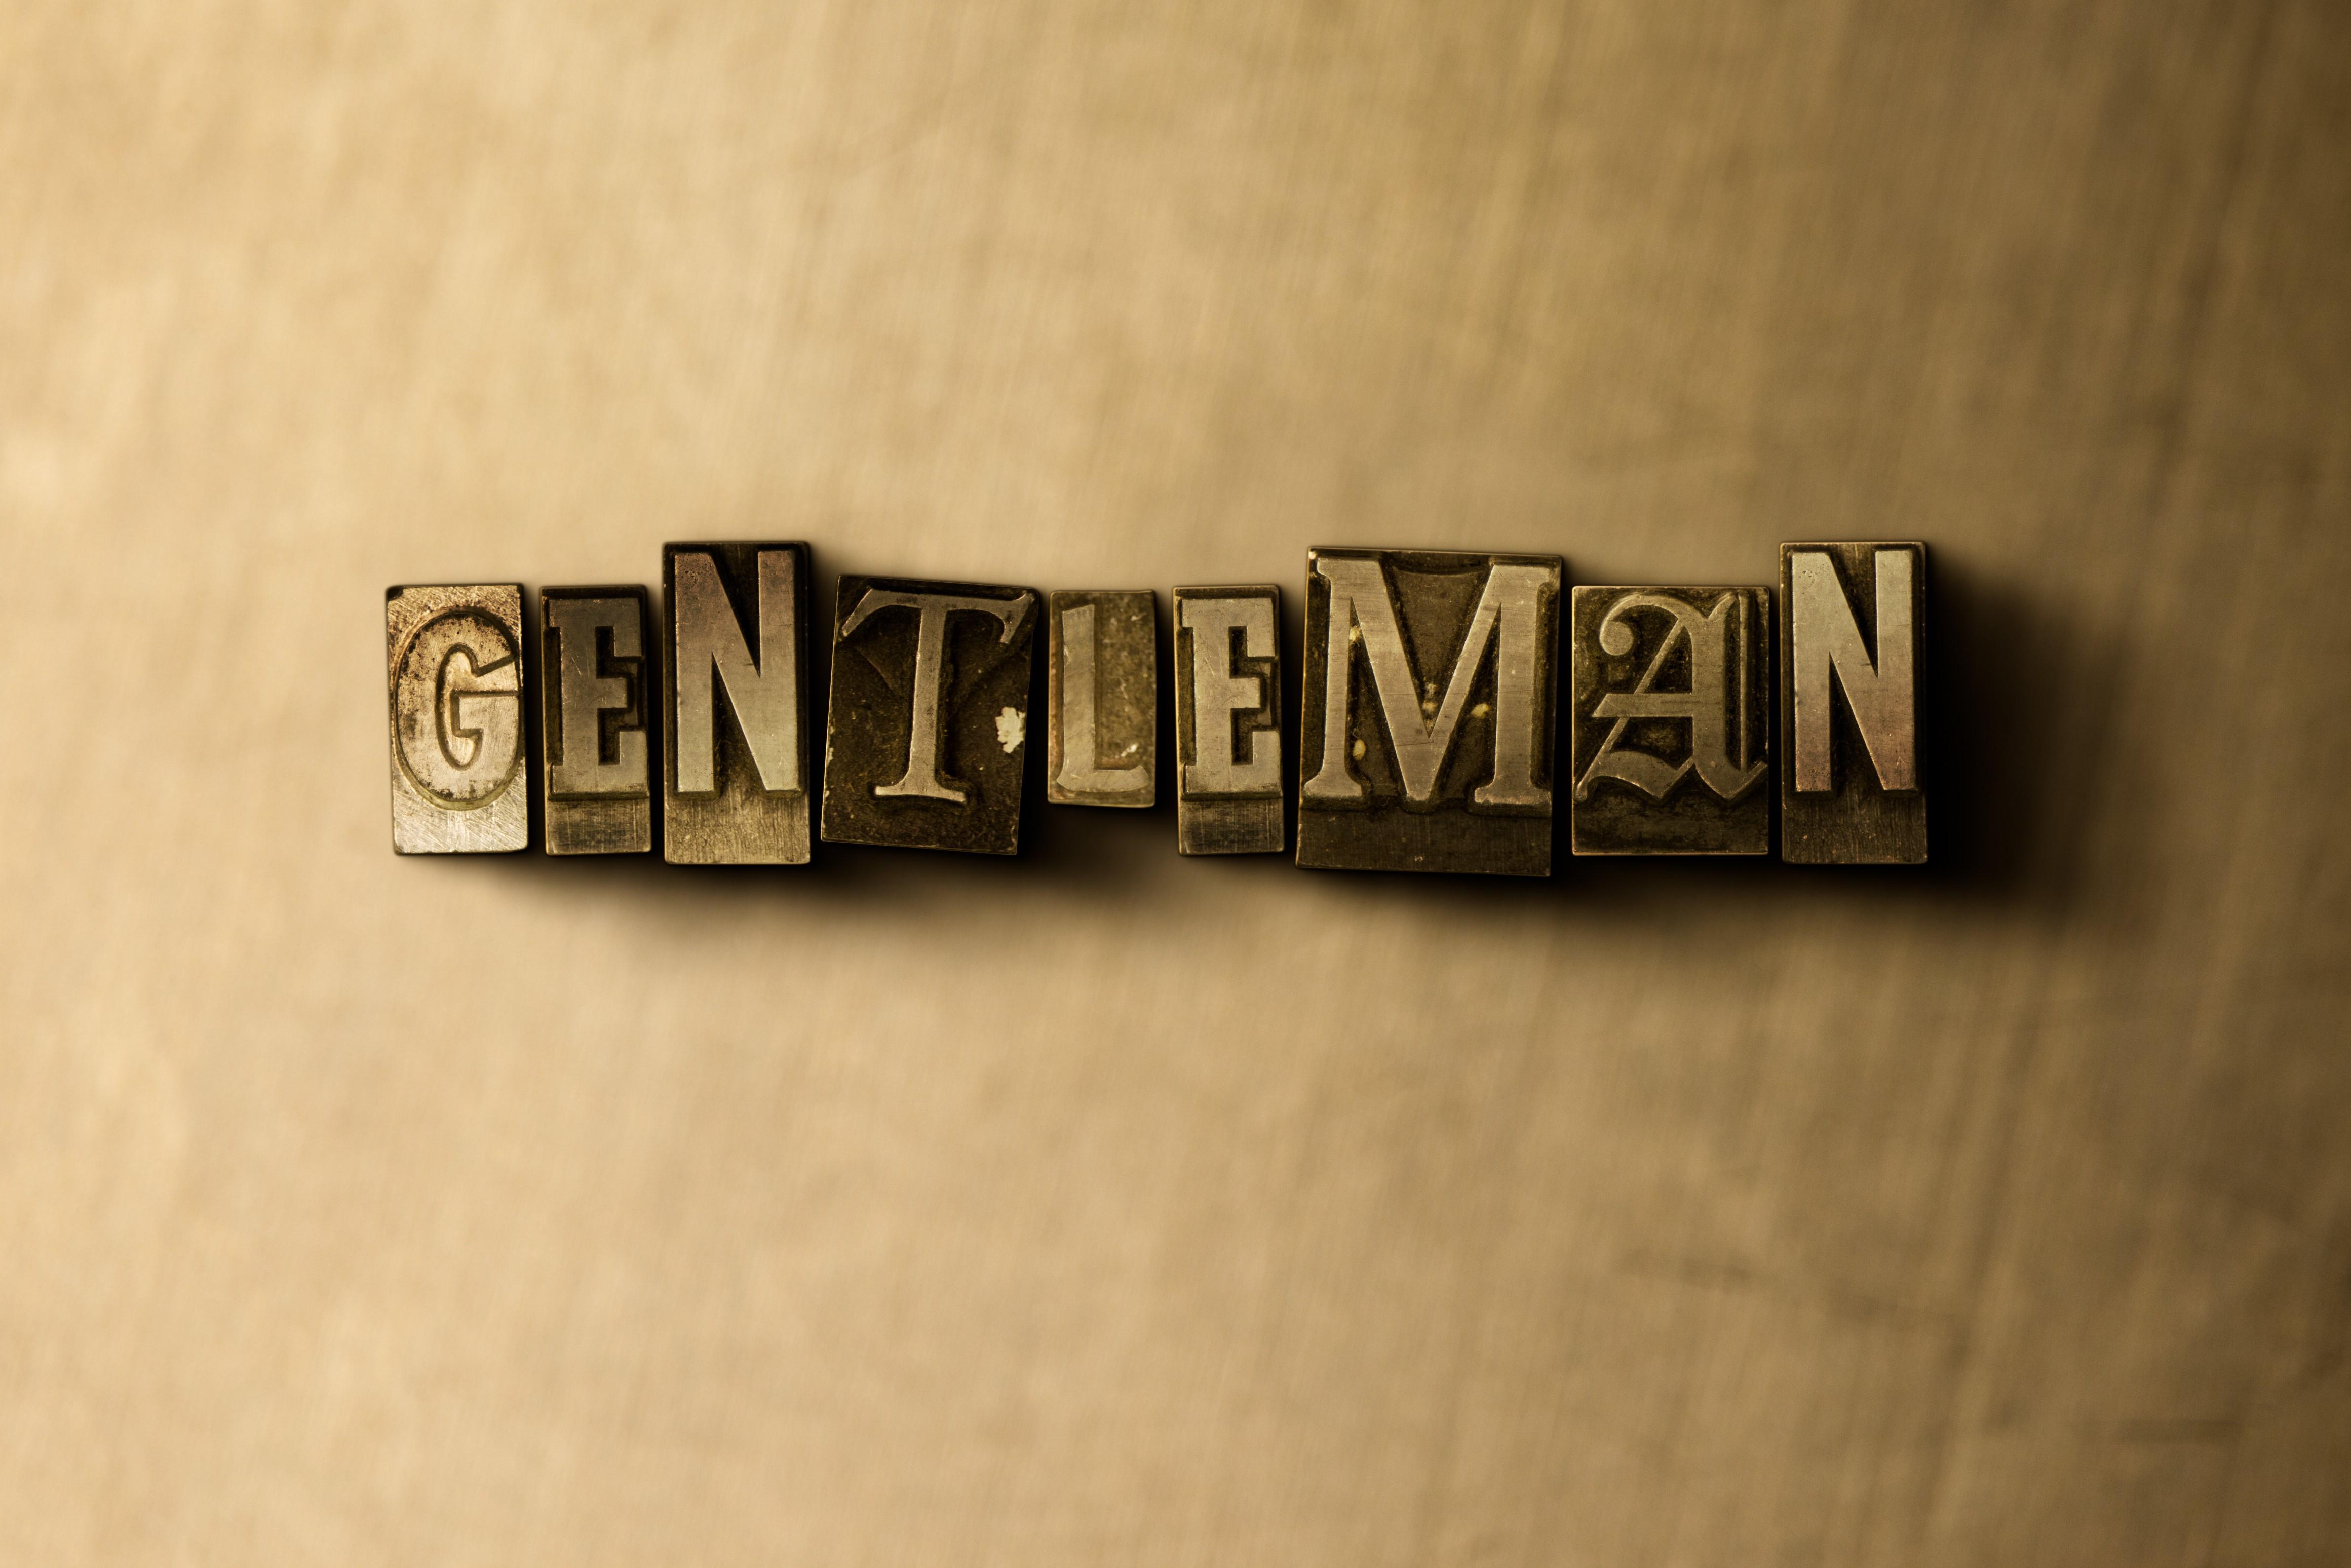 【紳士が知るべきモテる7つの秘訣】